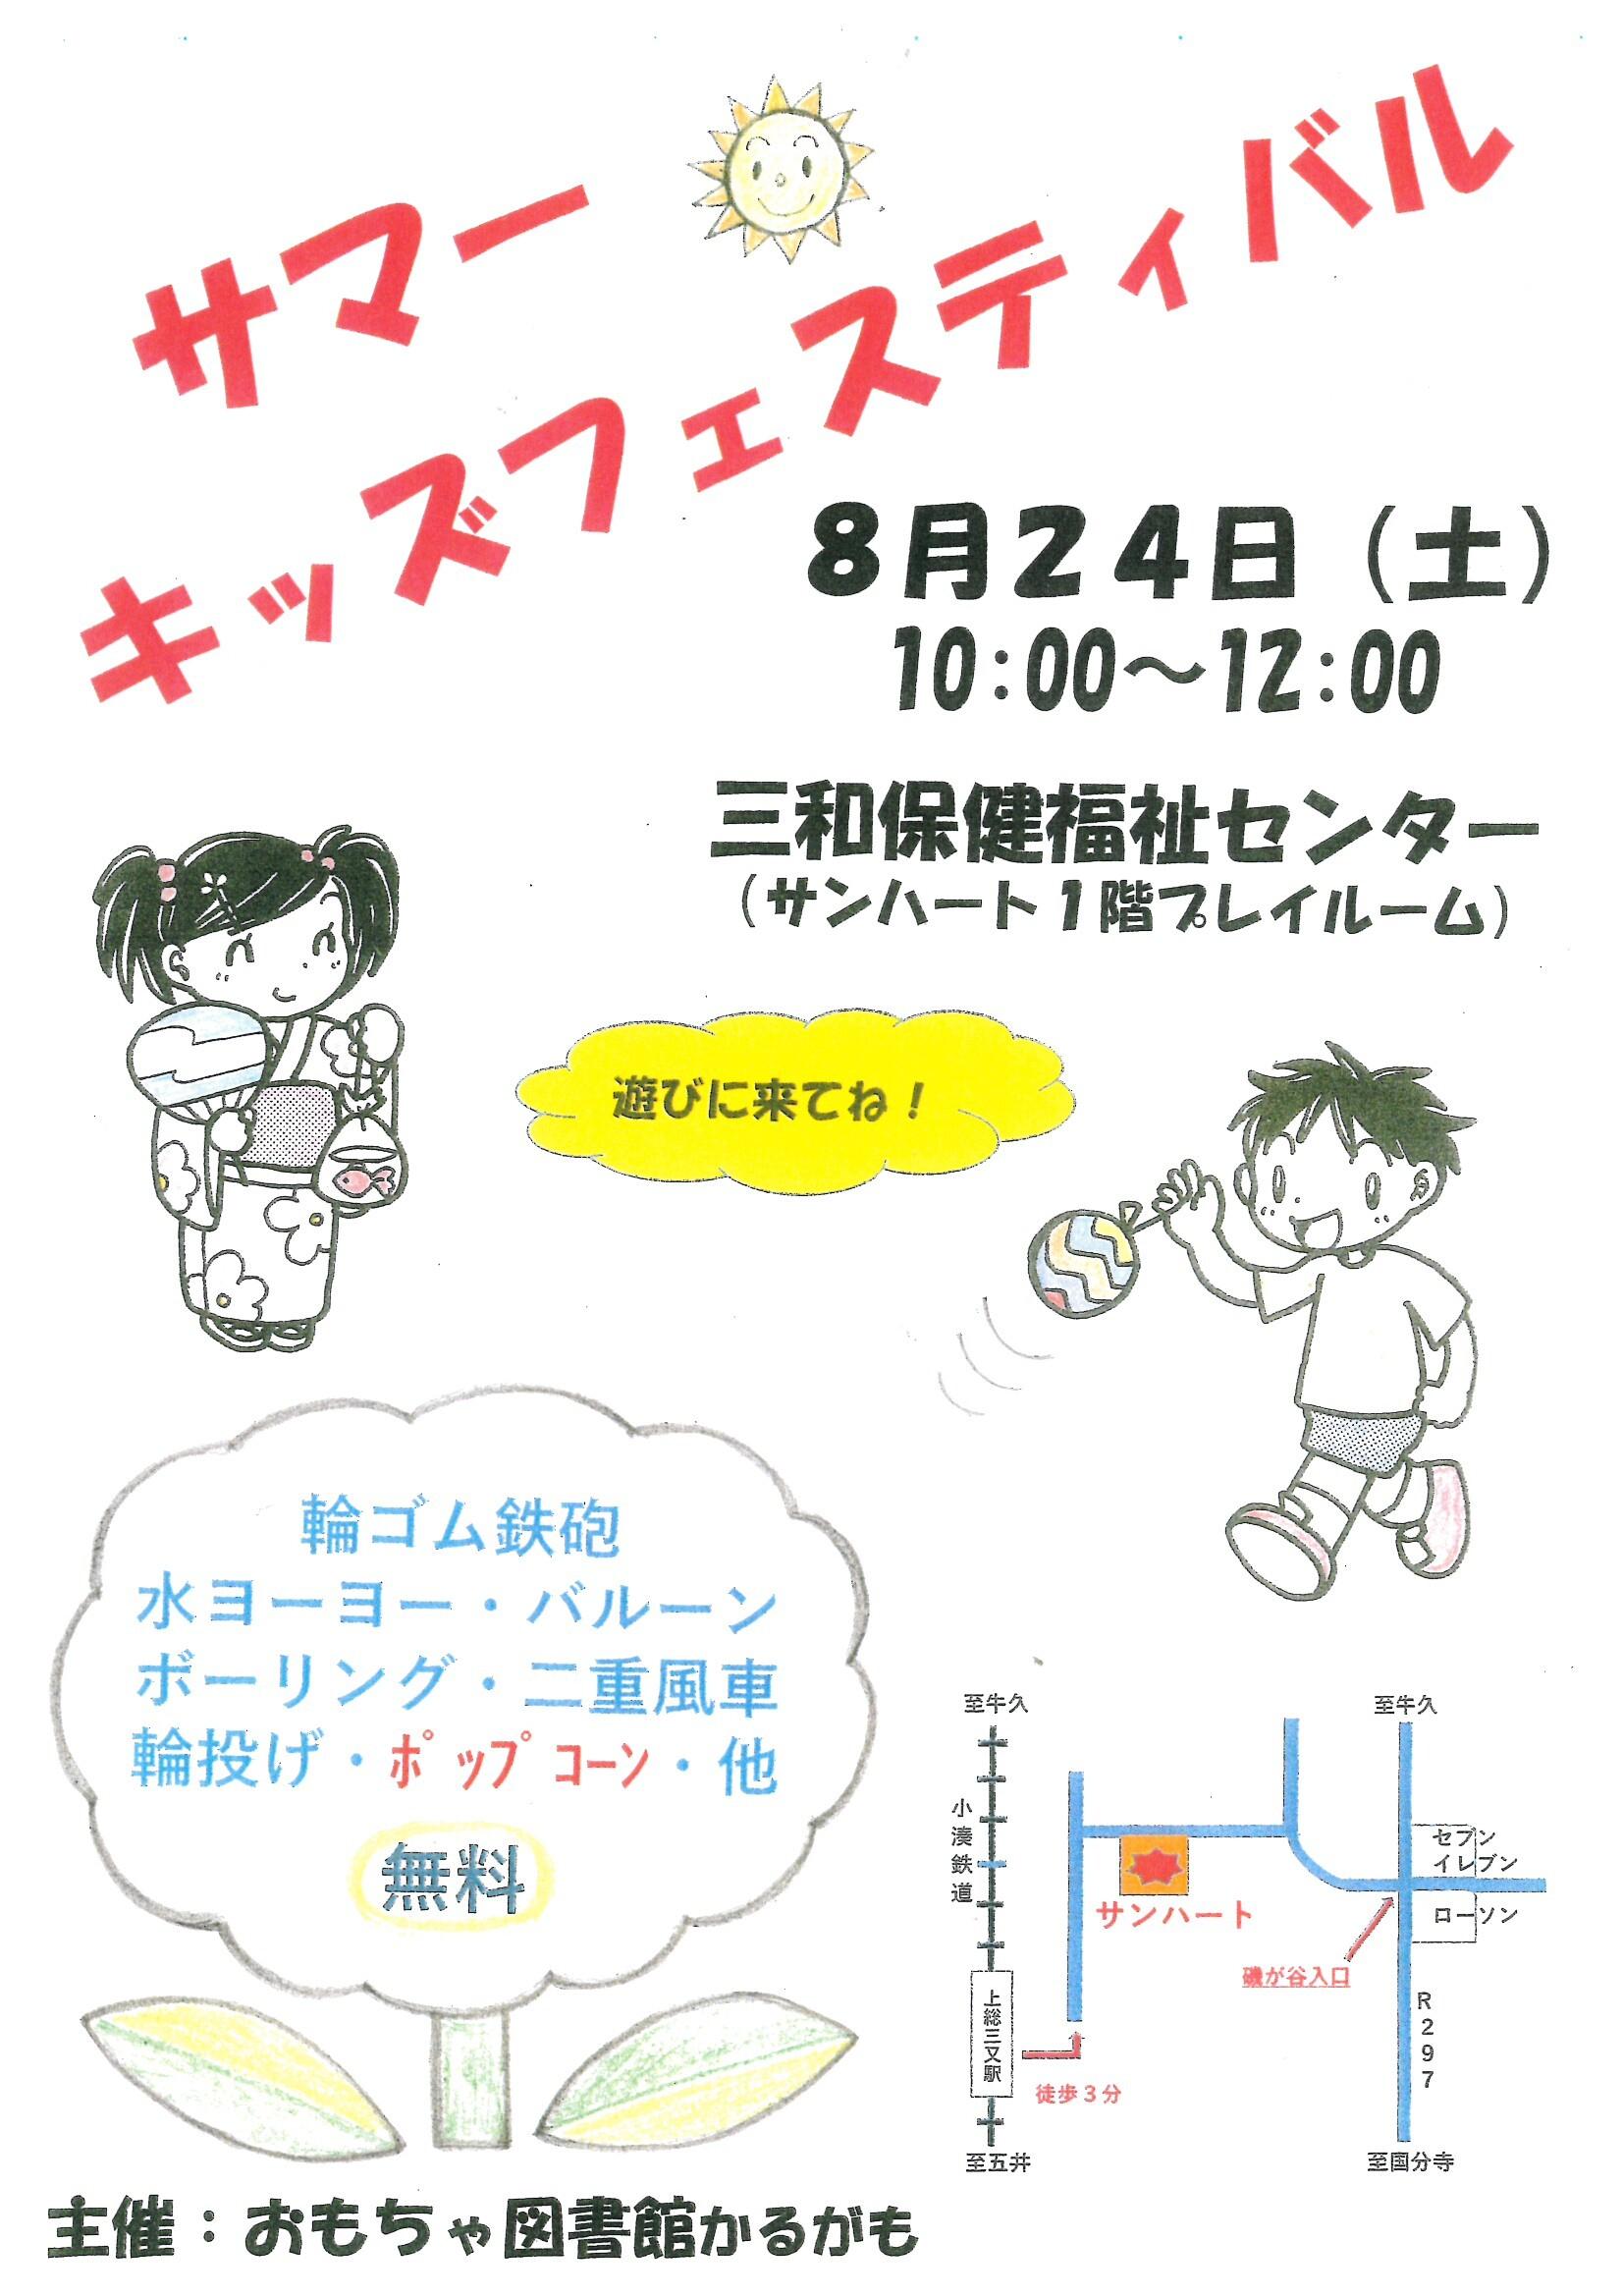 【8月24日㈯開催】サマーキッズフェスティバル(おもちゃ図書館かるがも)